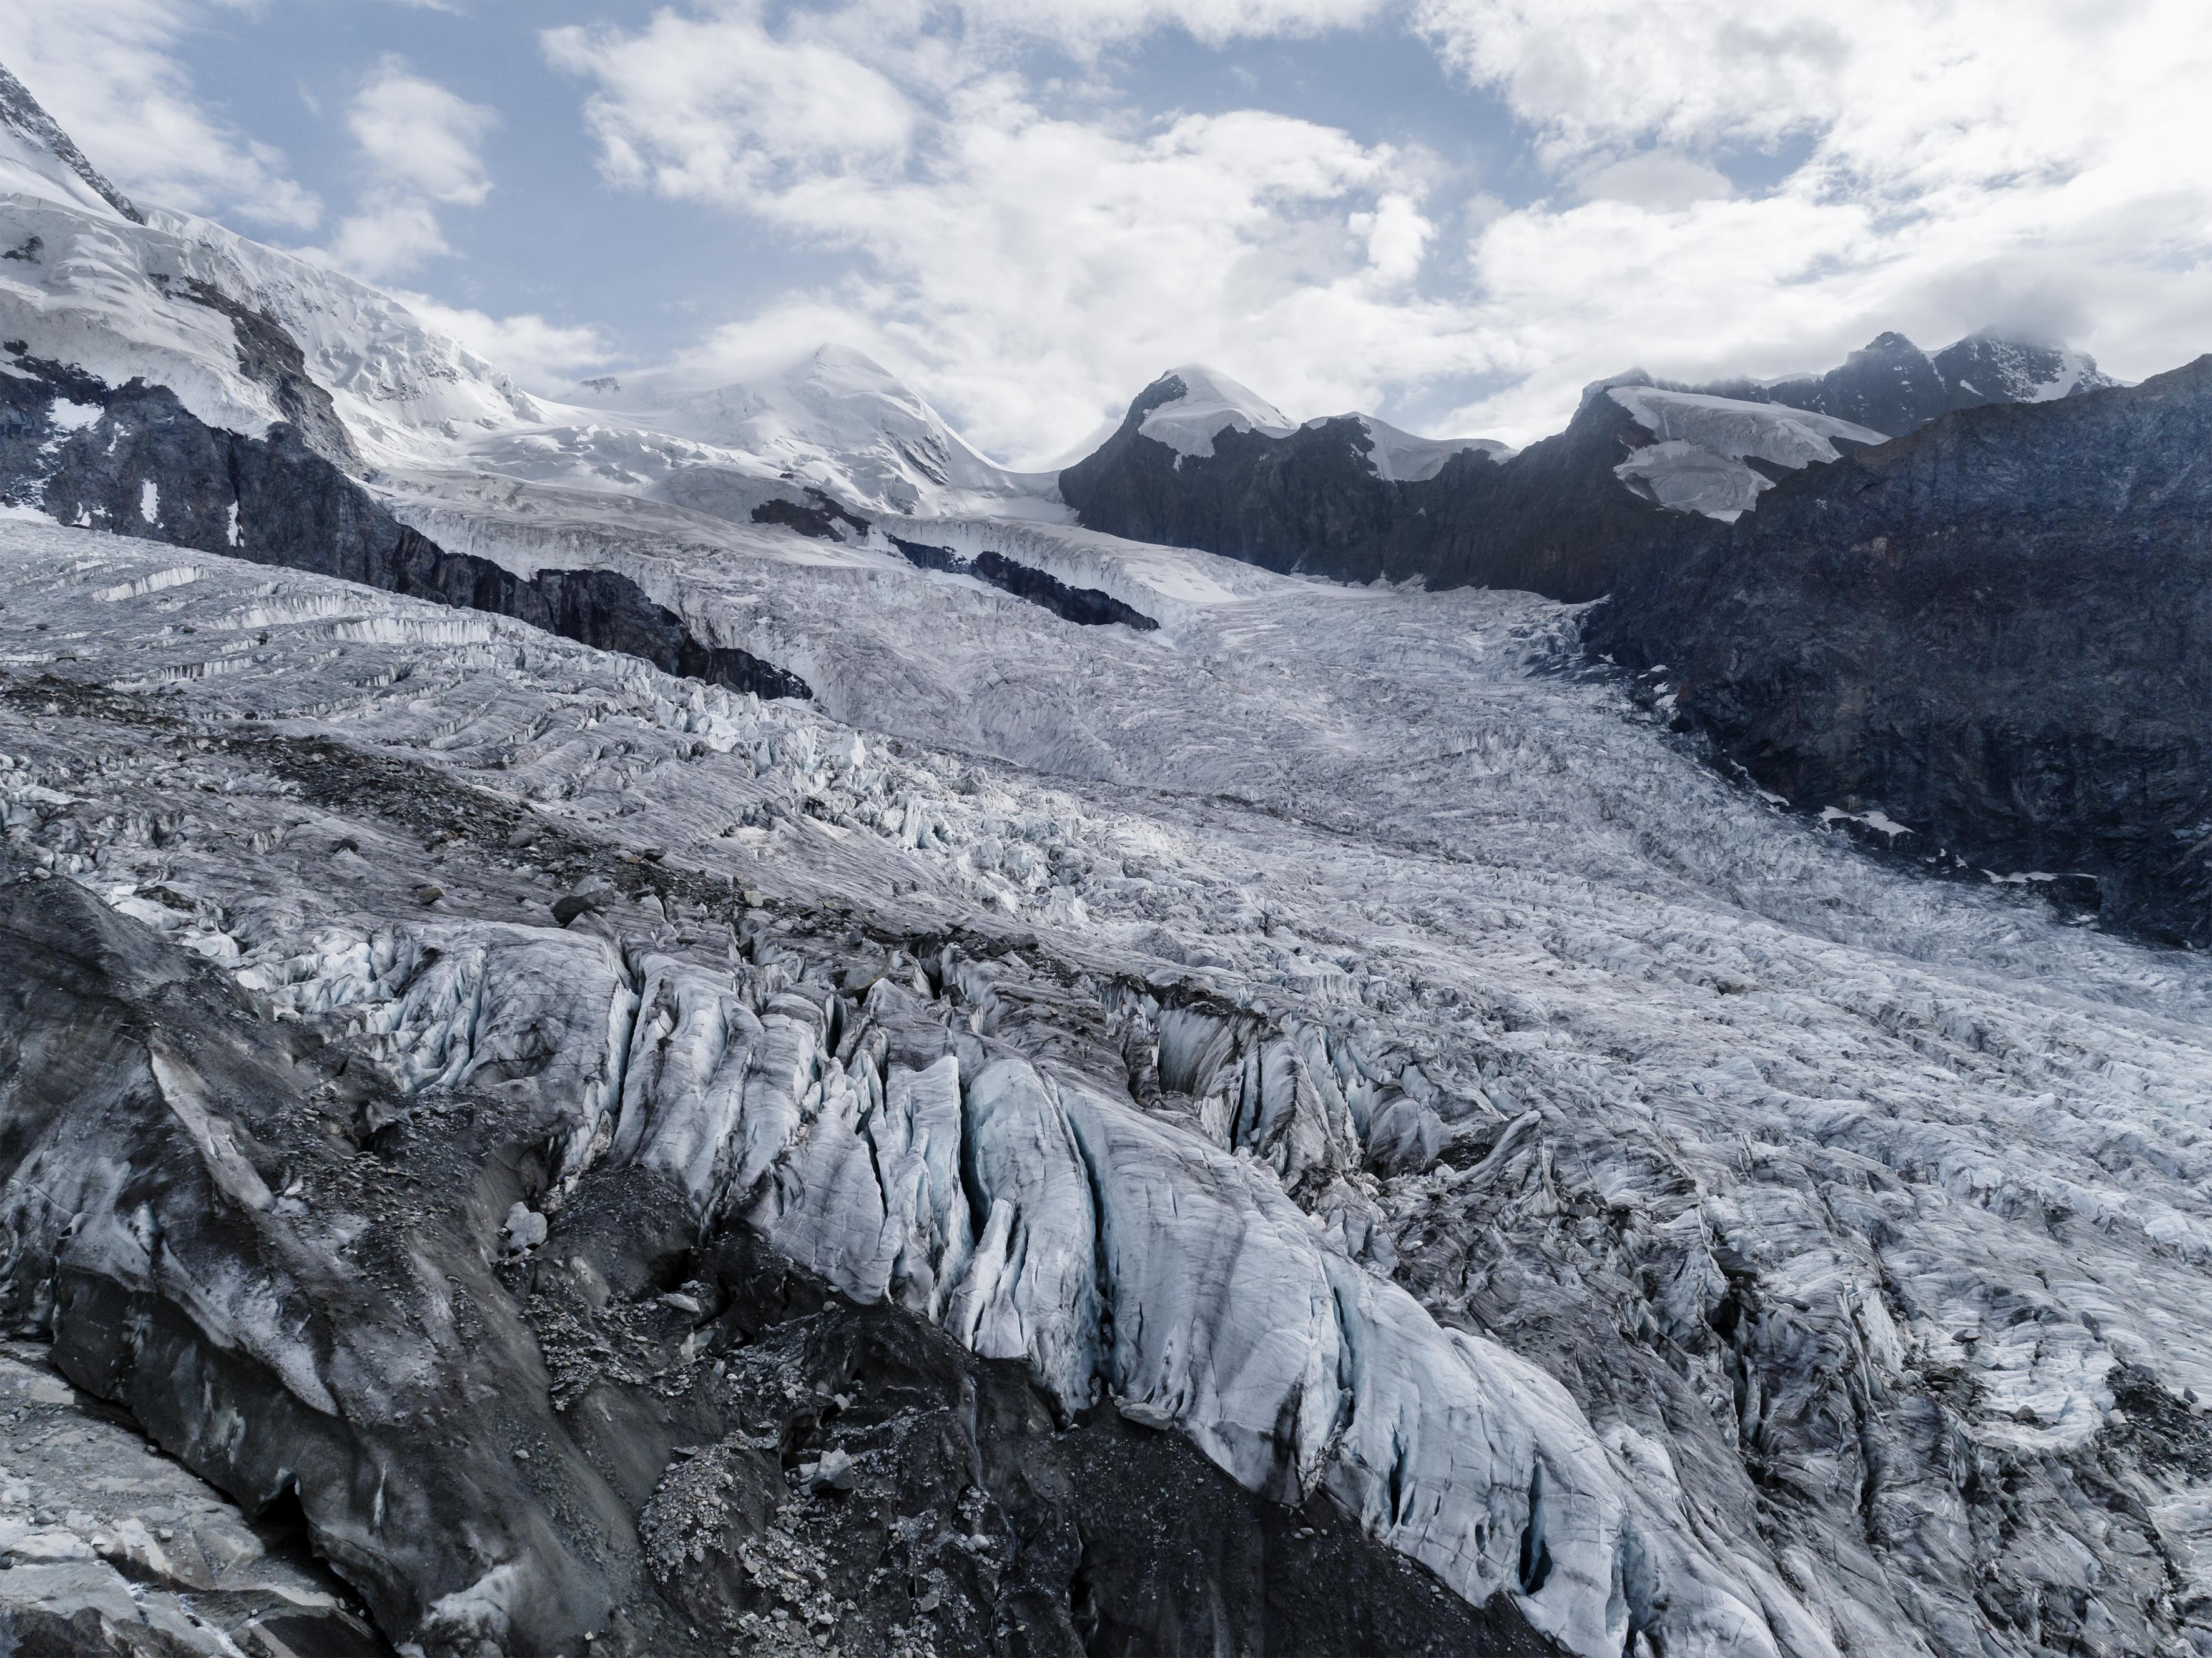 #379 Glaciers,Grenzgletscher, 2018, 45°57'14.009″N 7°48'46.799″E